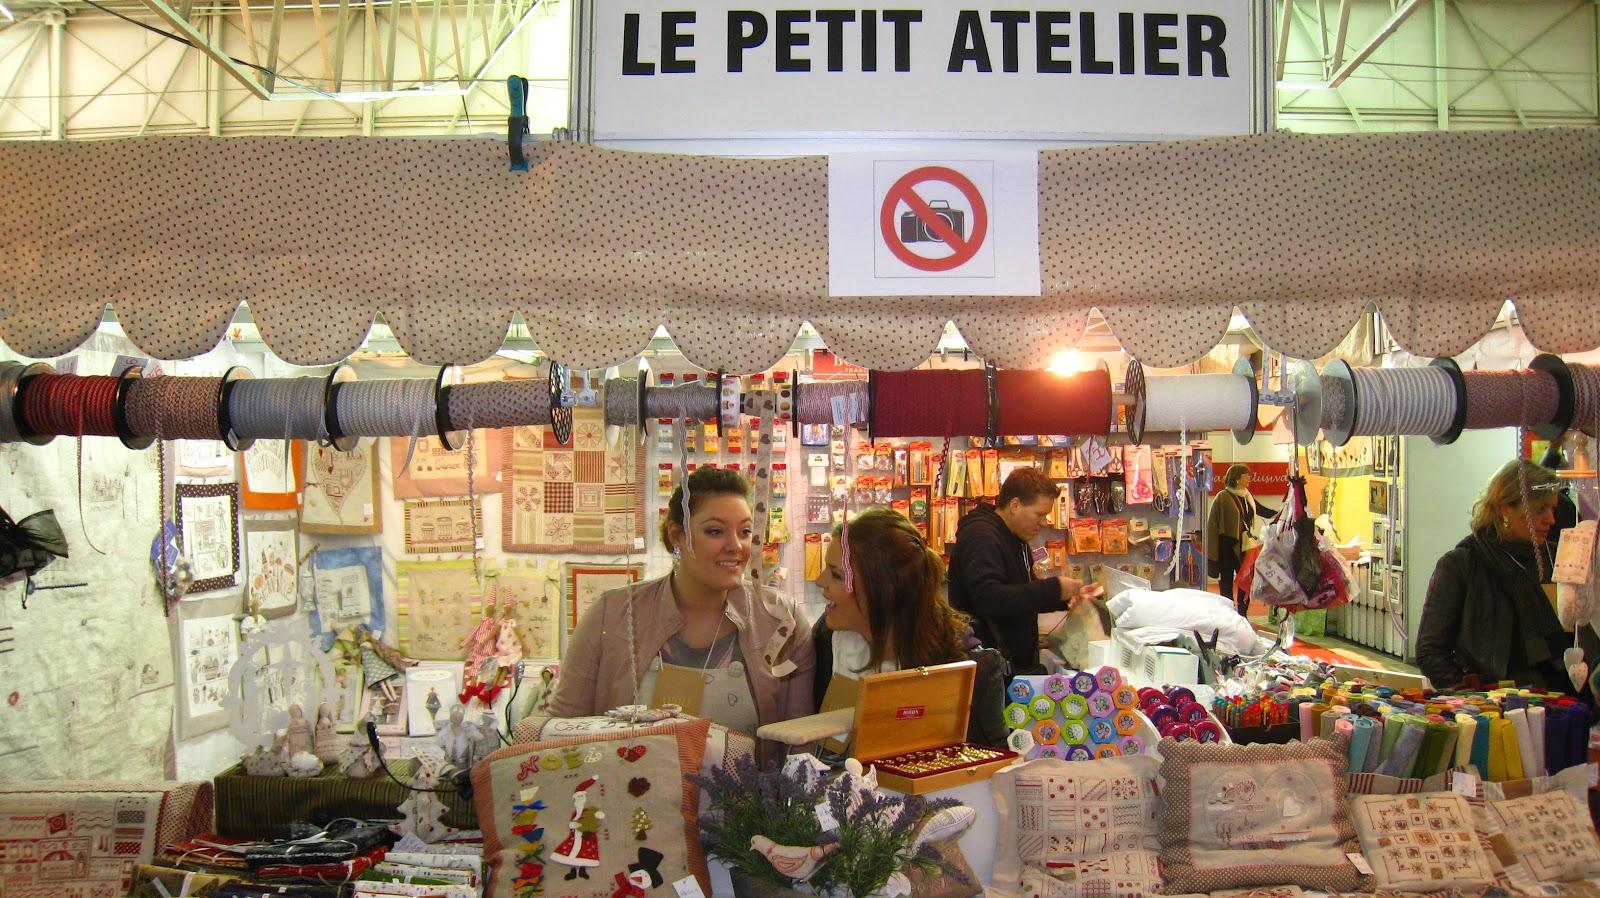 Le petit atelier florian polis 15 festival de patchwork for Le petit atelier